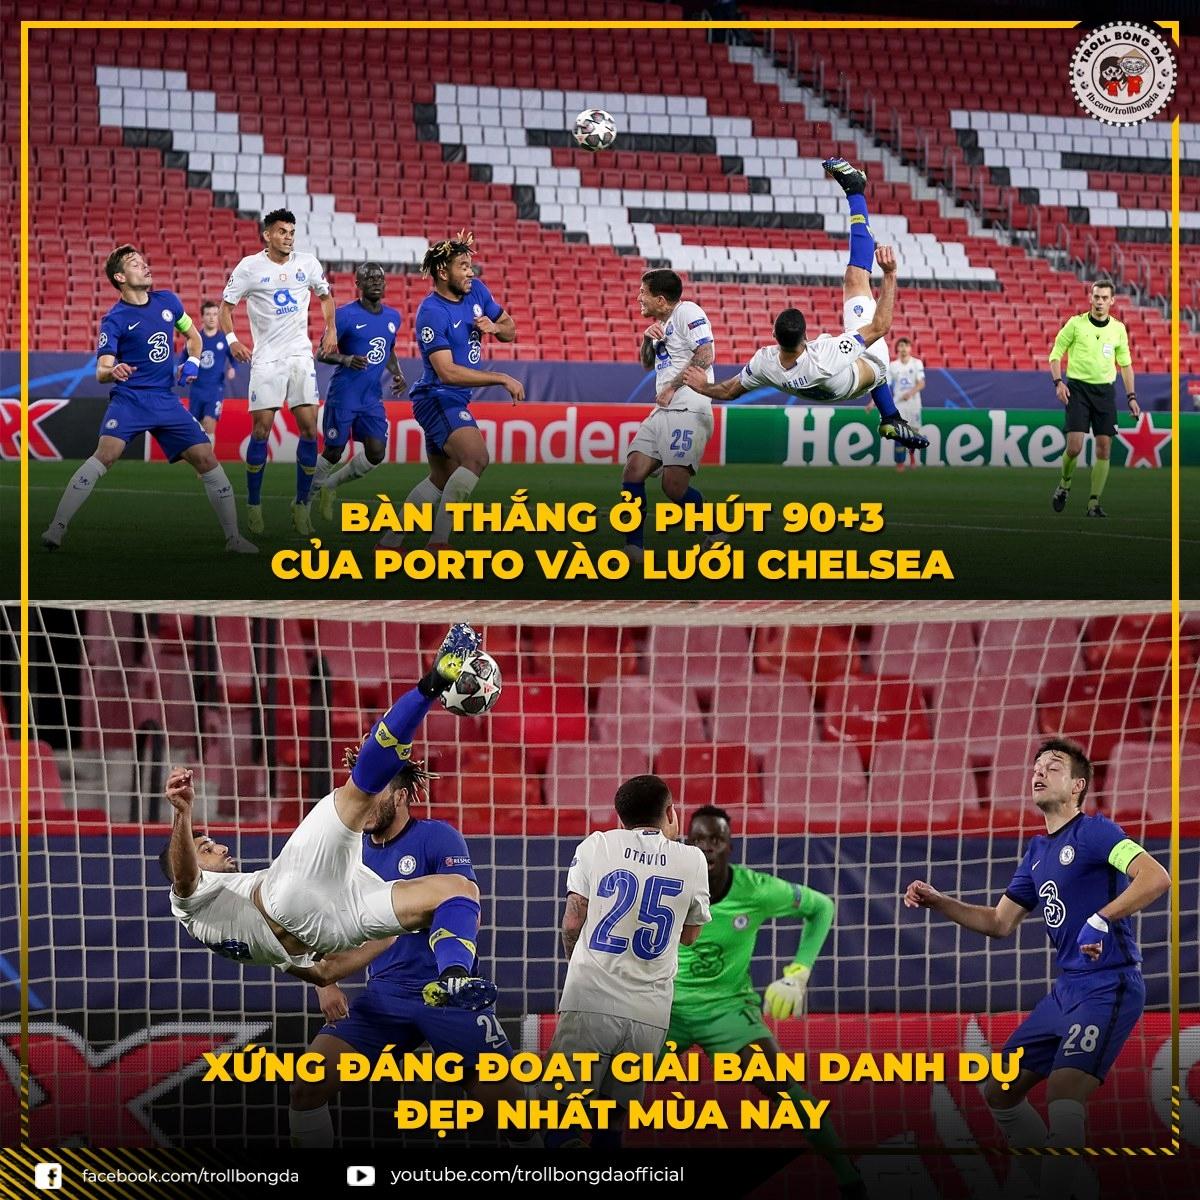 Taremi ghi bàn đẹp mắt vào lưới Chelsea nhưng không đủ giúp Porto vào bán kết Champions League. (Ảnh: Troll bóng đá).